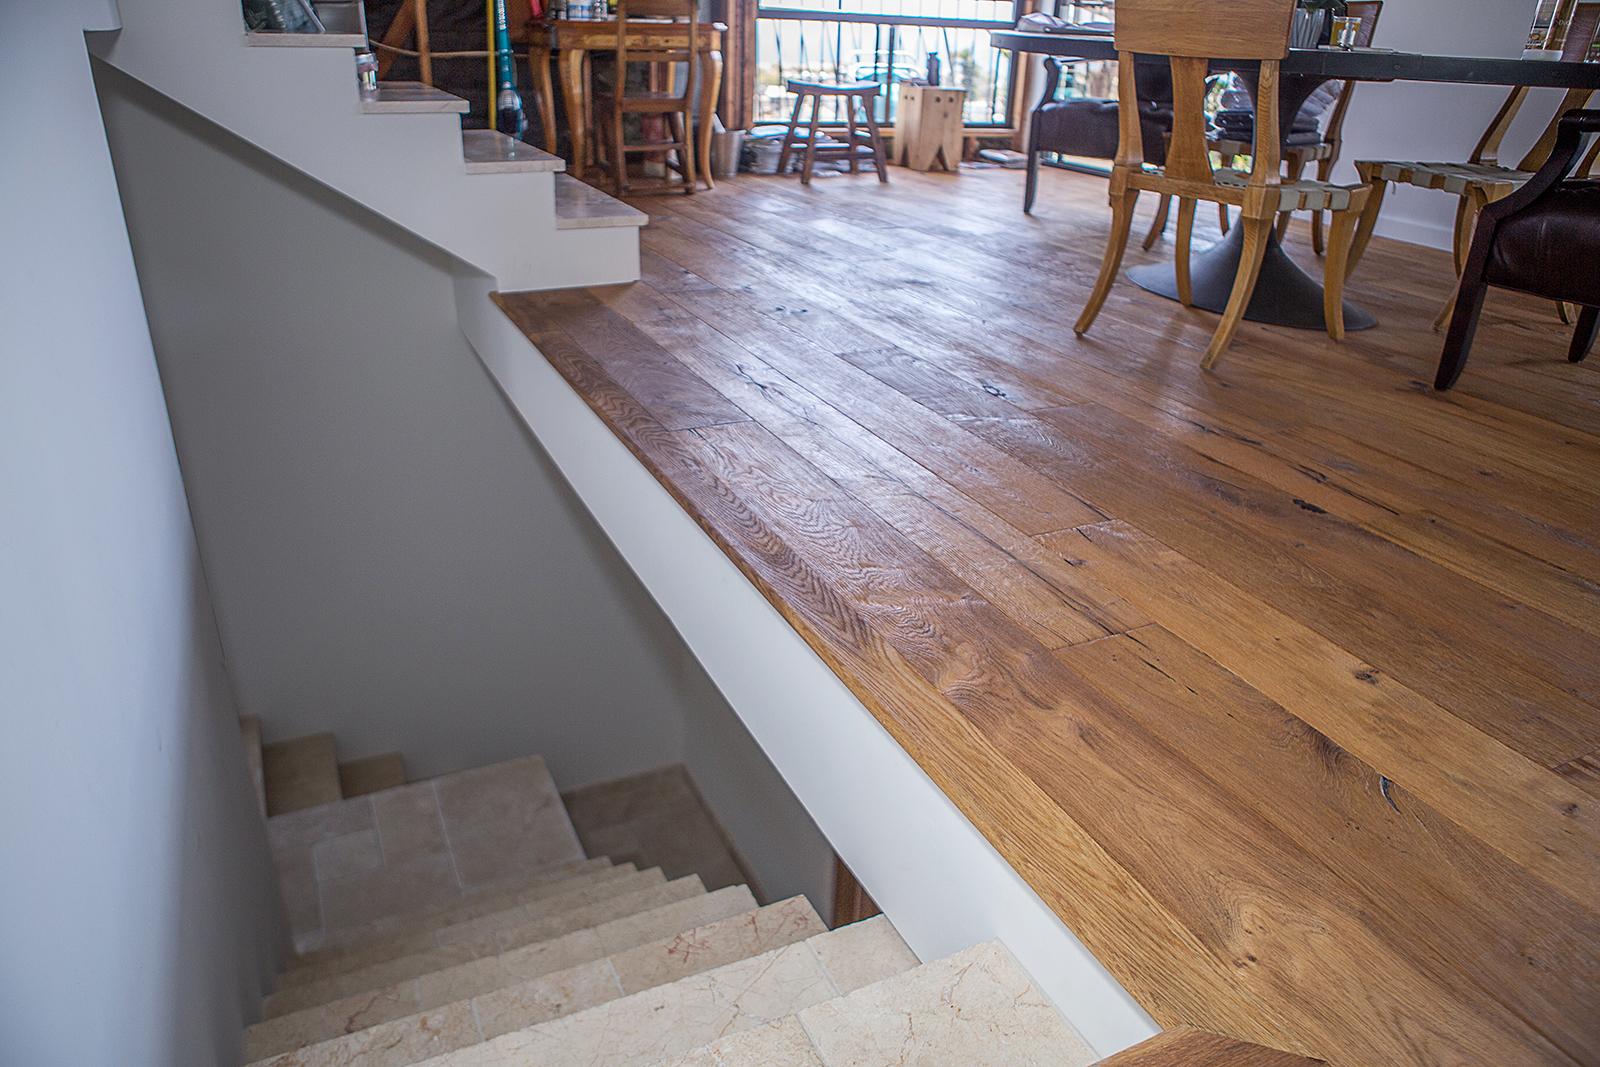 floorandstairs.jpg